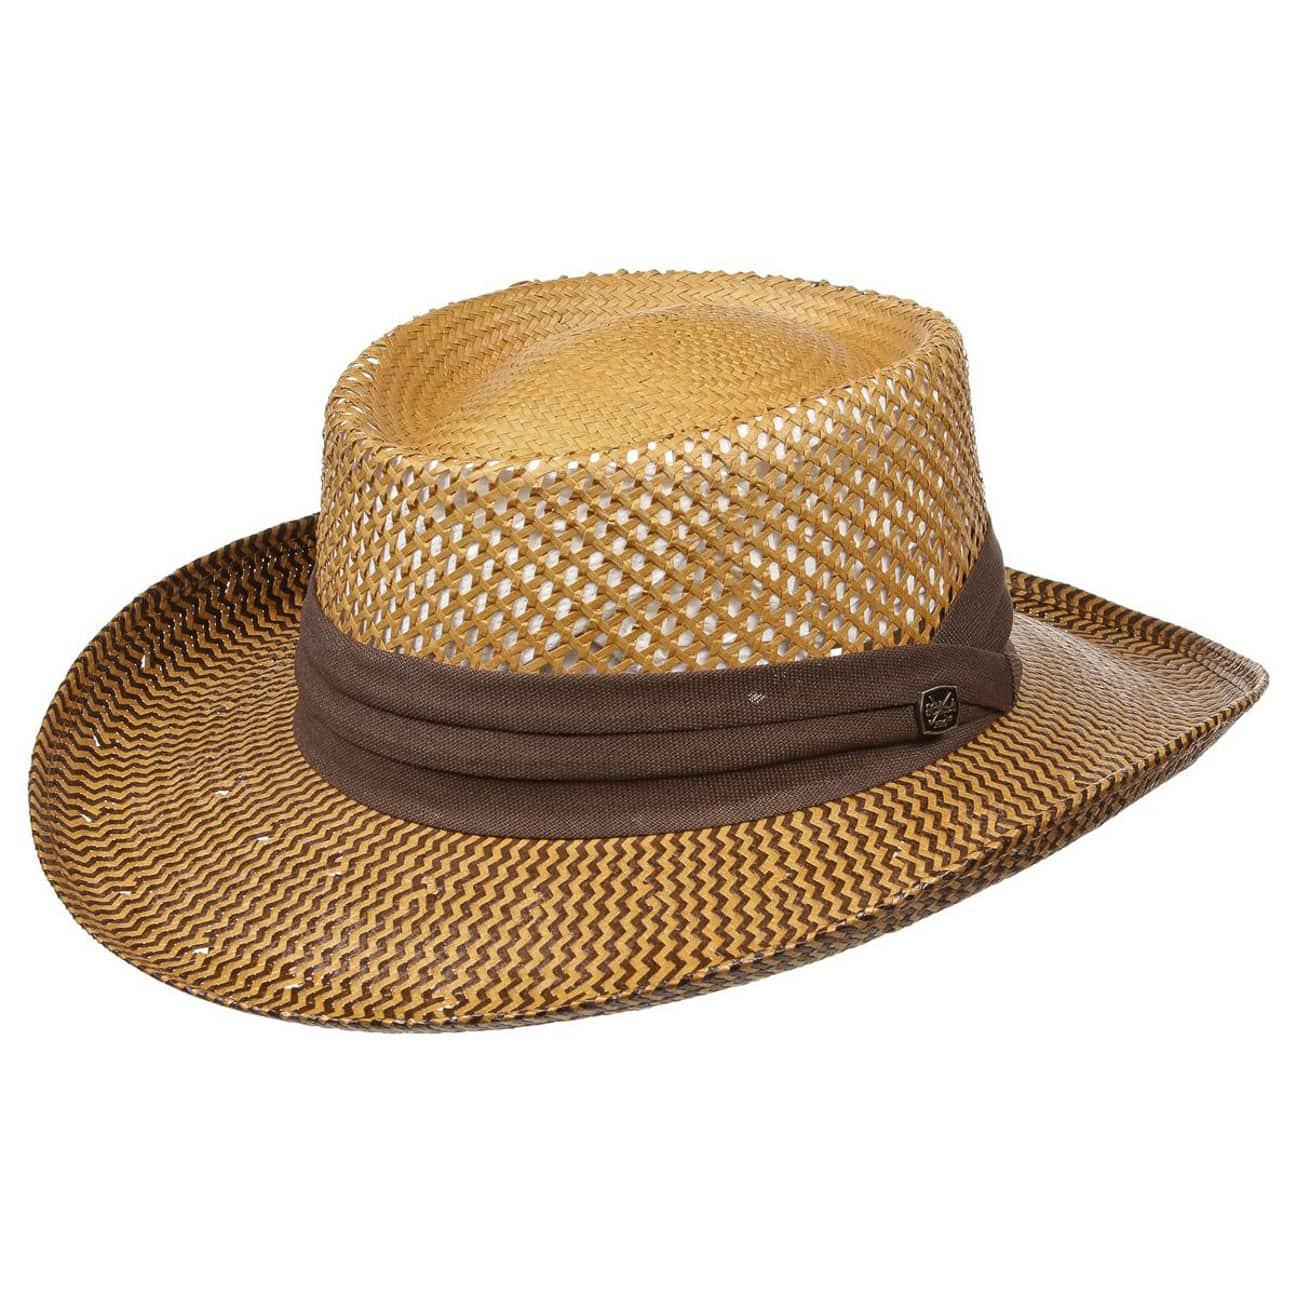 Sombrero de Golf Gambler de Hombre - Sombreros - sombreroshop.es 08389248af0